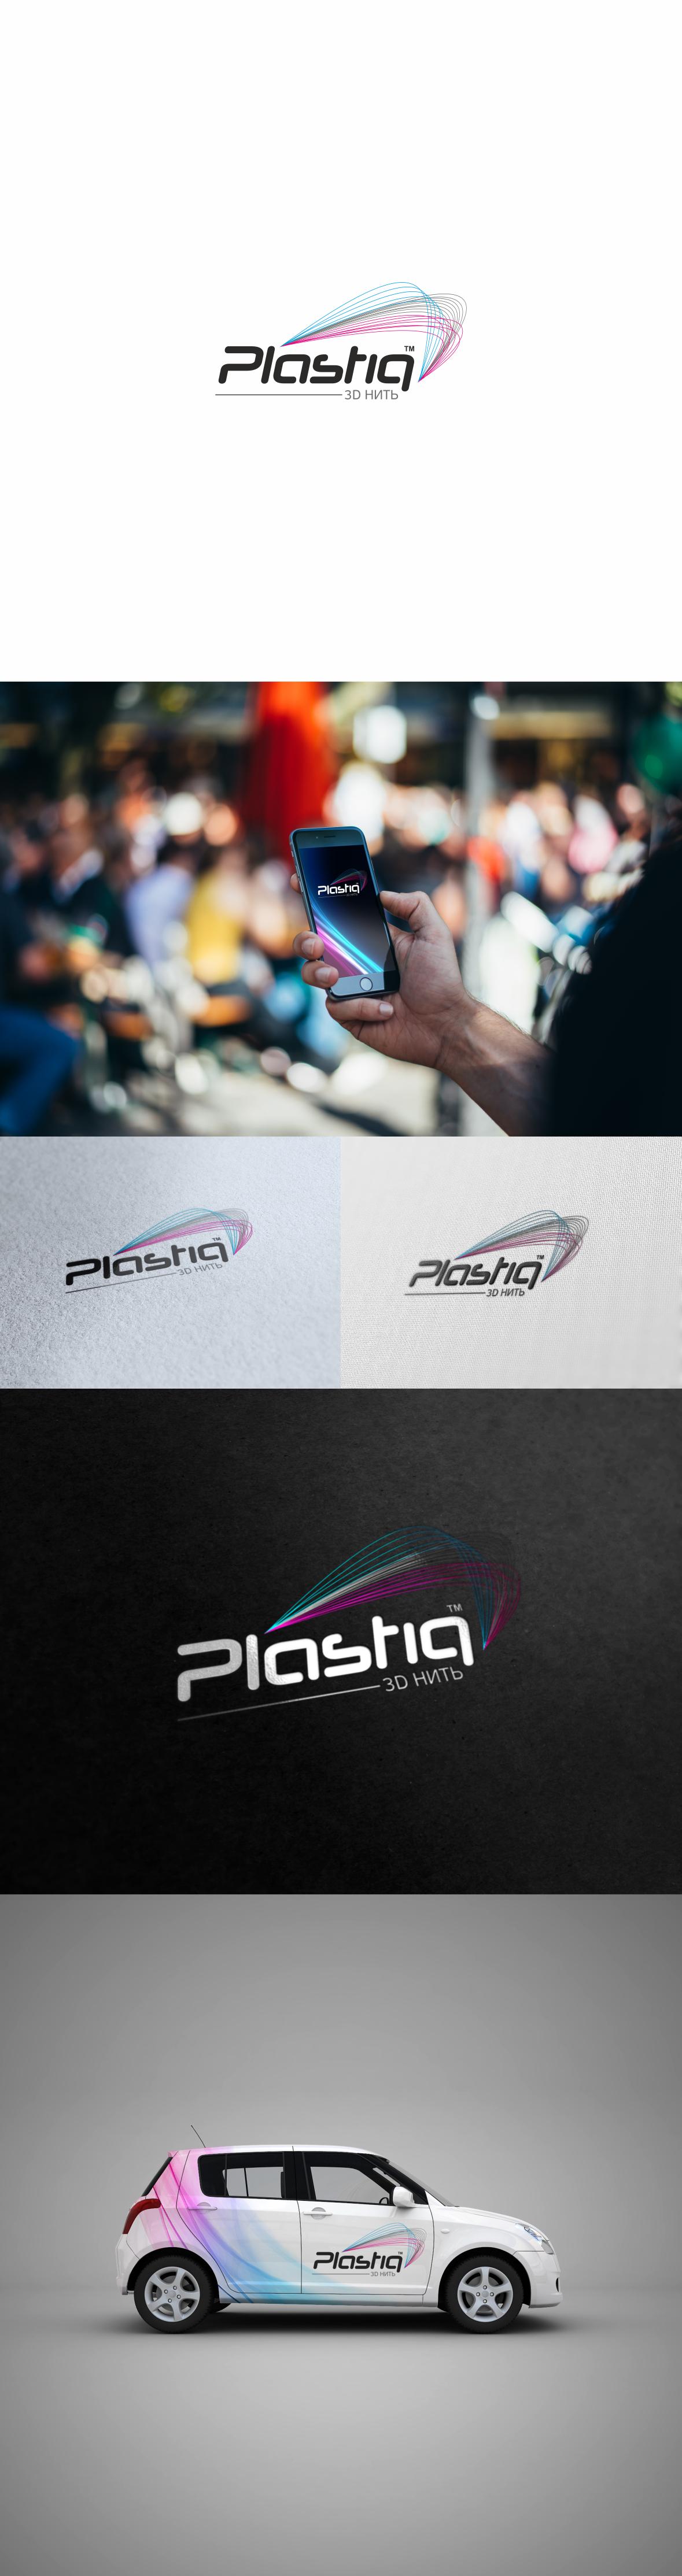 Разработка логотипа, упаковки - 3д нить фото f_9875b6beafb5d90c.jpg